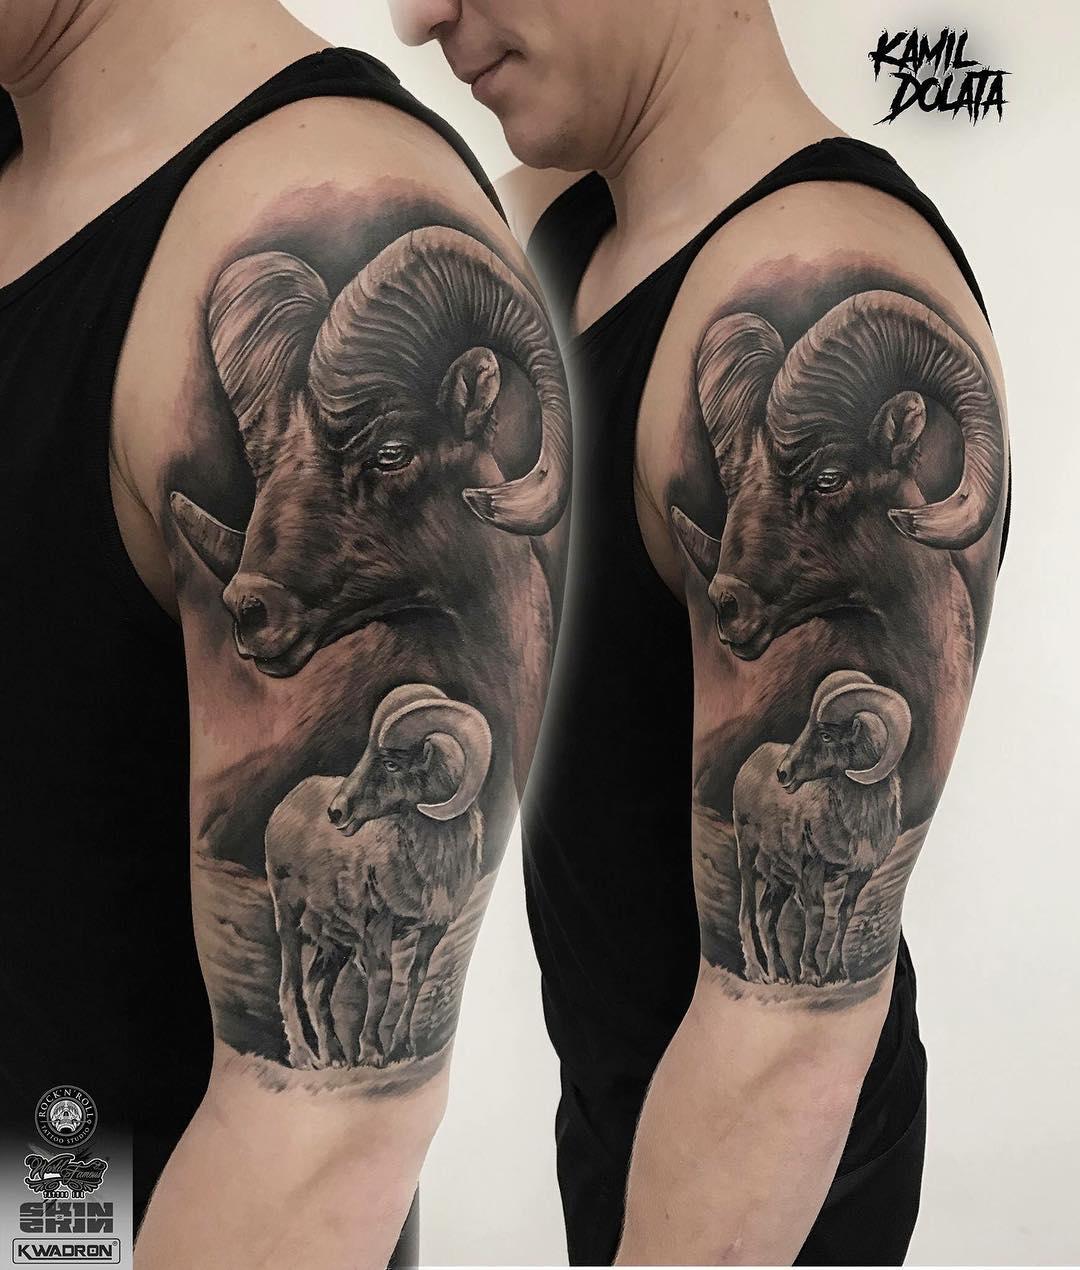 f8389147d3 Rock n Roll Tattoo and Piercing Wrocław - eTatuator.pl